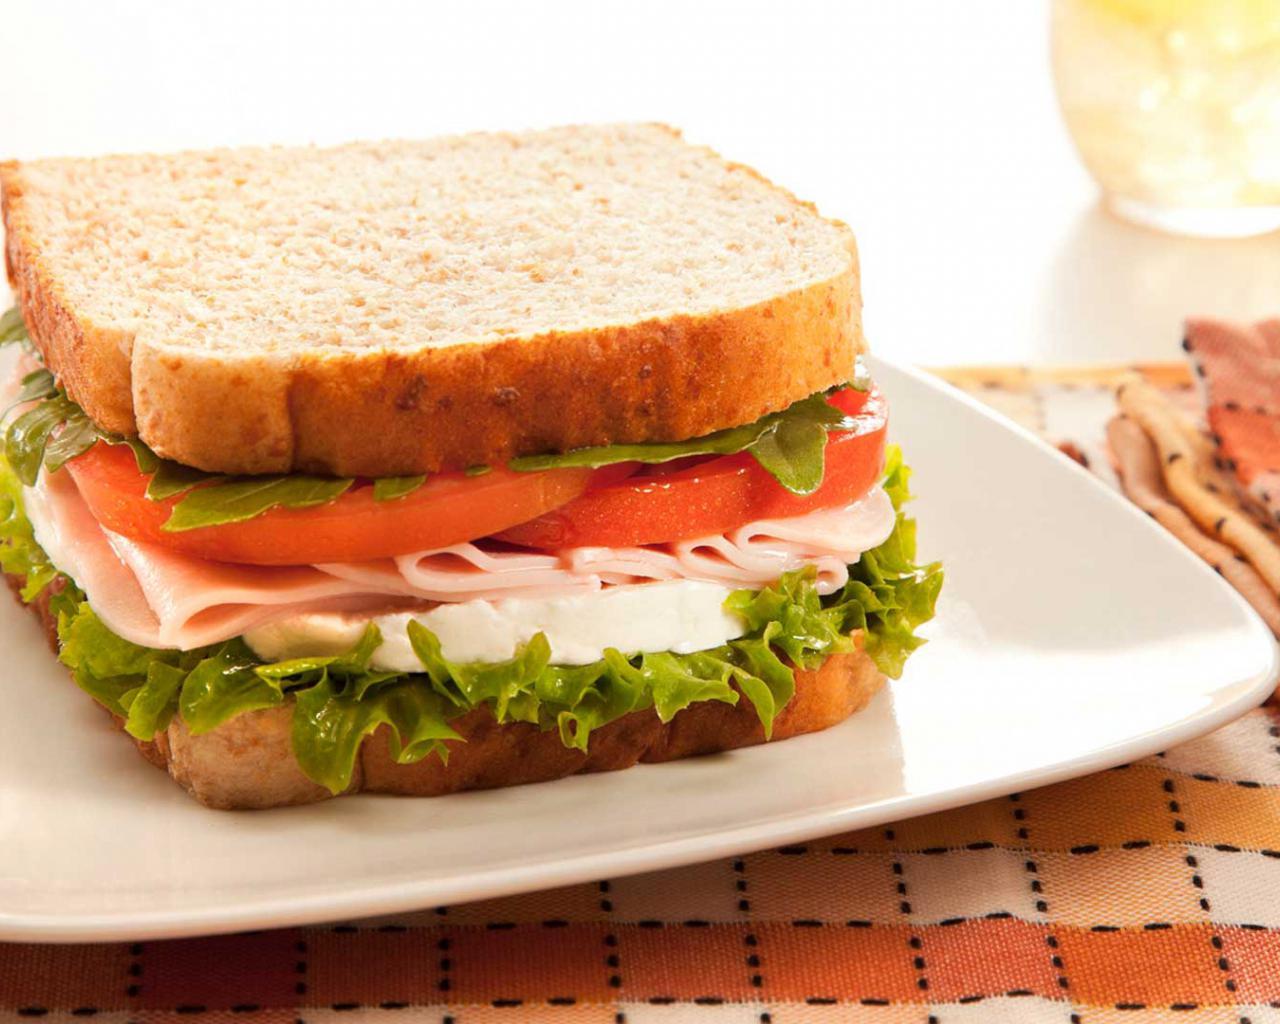 Cuantas calorias tiene 1 feta de jamon cocido